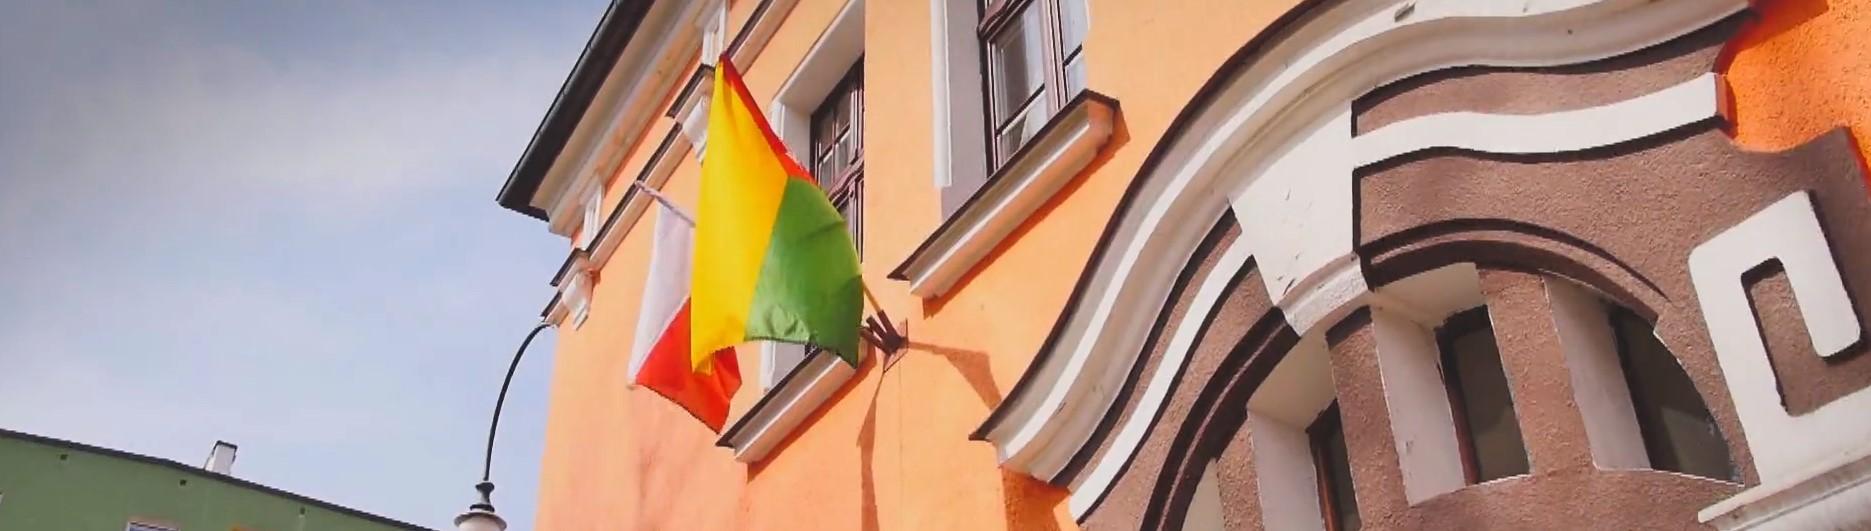 Na zdjęciu widnieje front budynku z flagami Polski oraz Trzcianki.